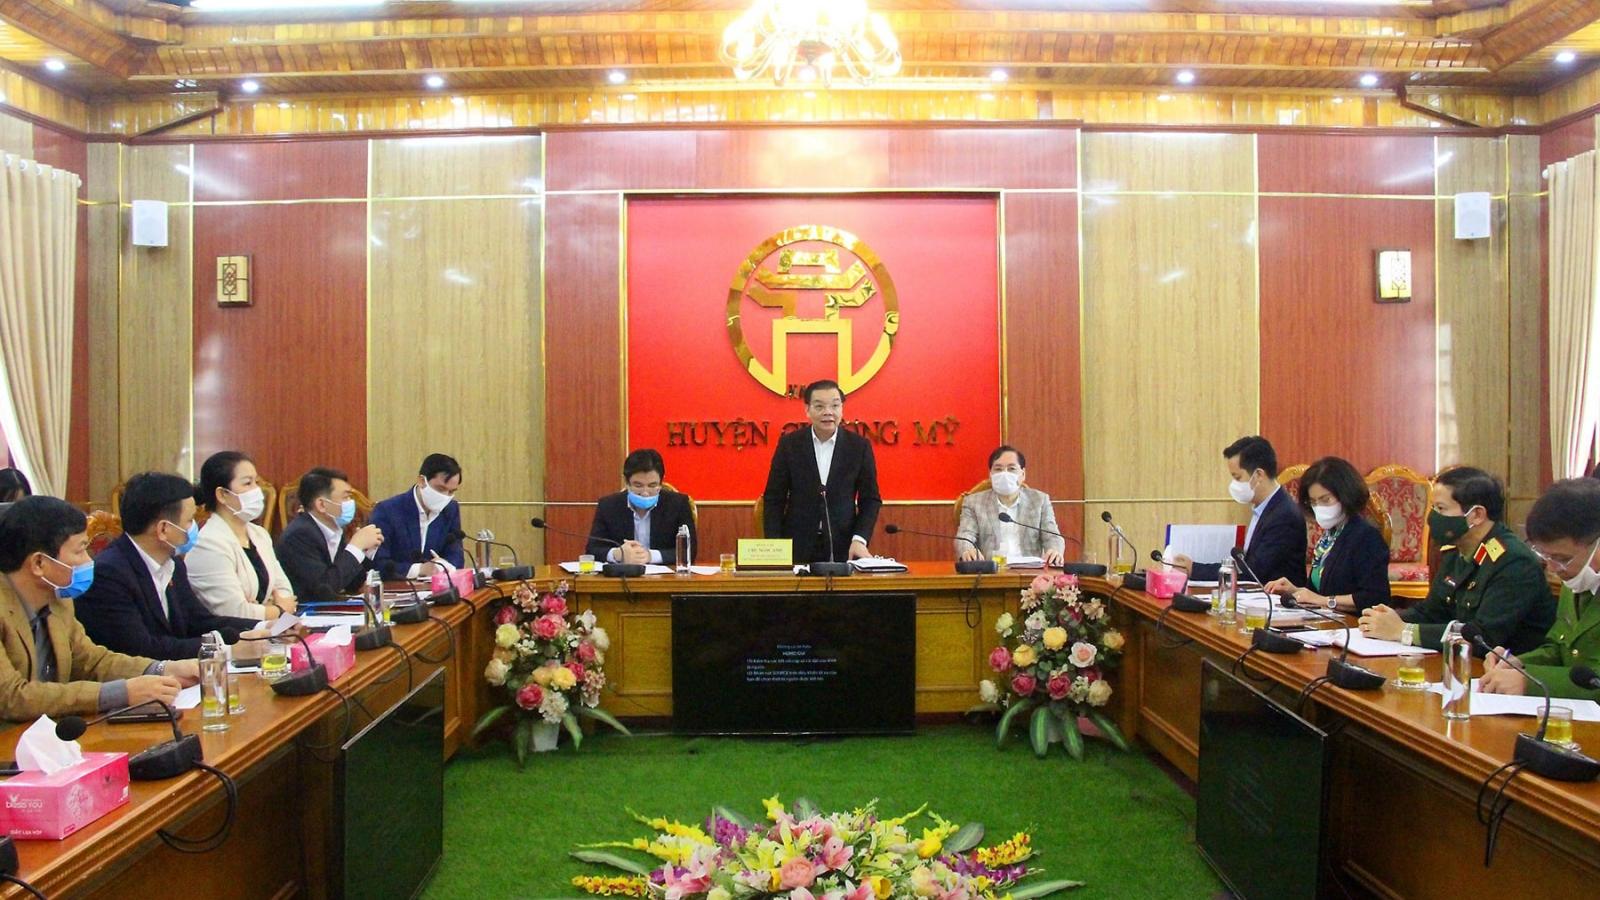 Chủ tịch Hà Nội Chu Ngọc Anh: Hà Nội đi đúng hướng và không mất dấu F0